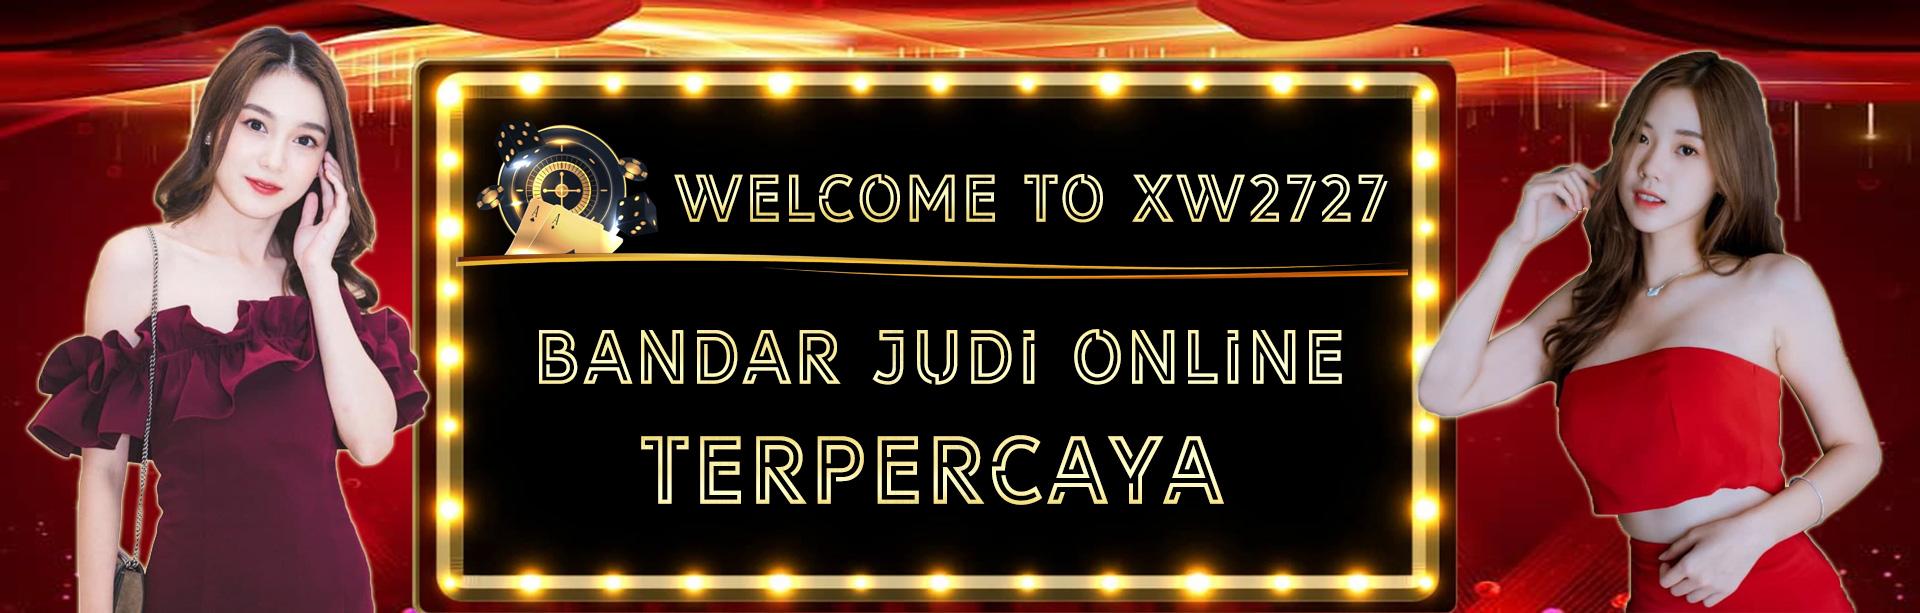 Slot Online, Judi slot, Situs slot